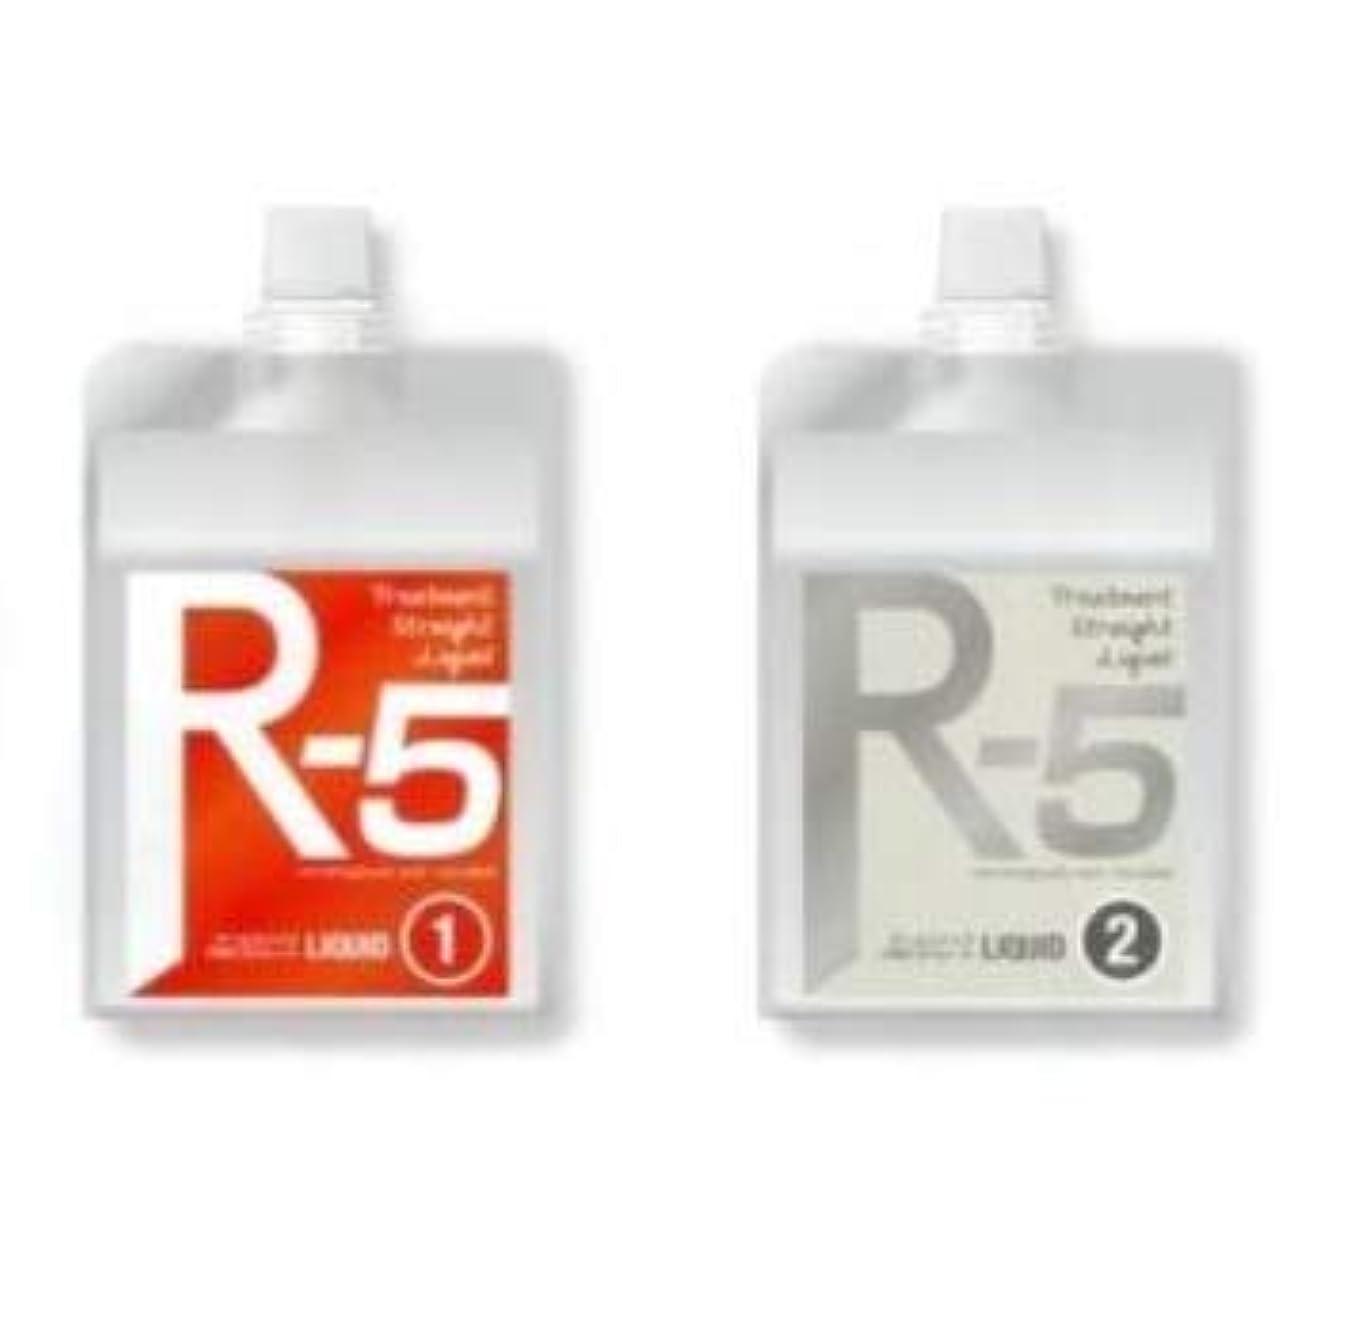 見通し博物館手CMCトリートメントストレート R-5 レッド(レギュラー) ストレート剤 ダメージレス